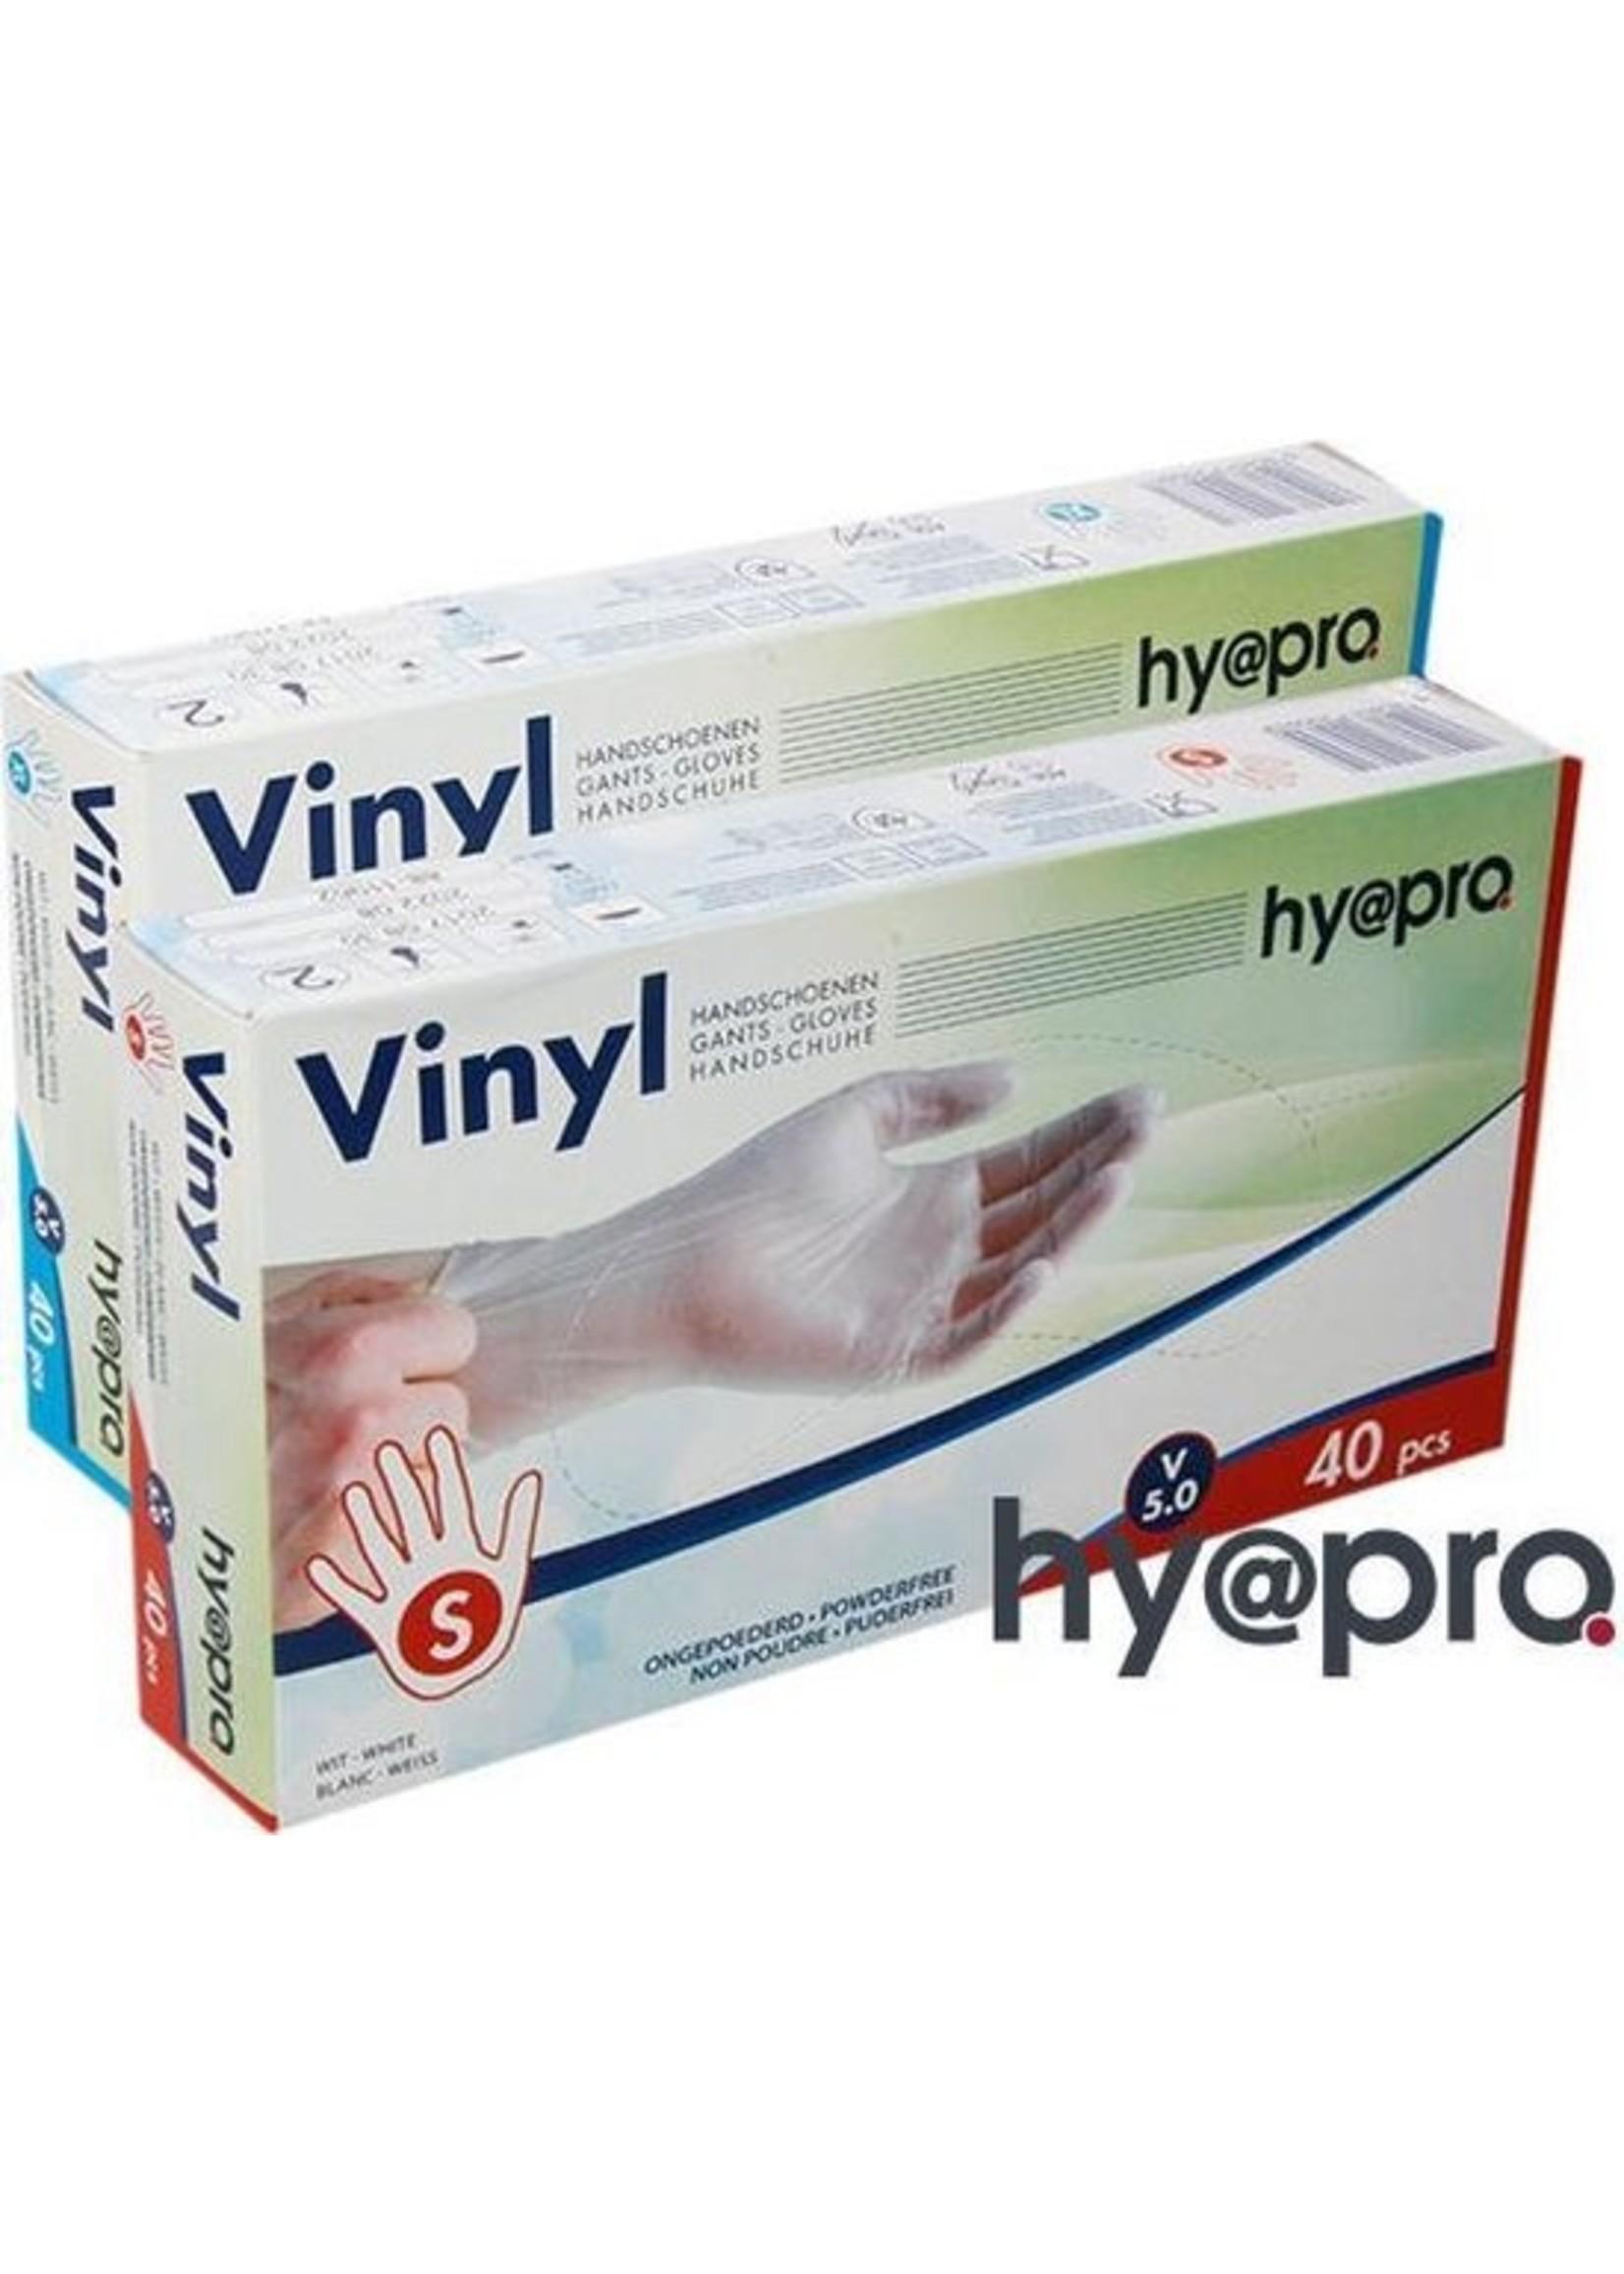 Hy@pro handschoen wit gepoederd vinyl maat S 100 stuks in doos